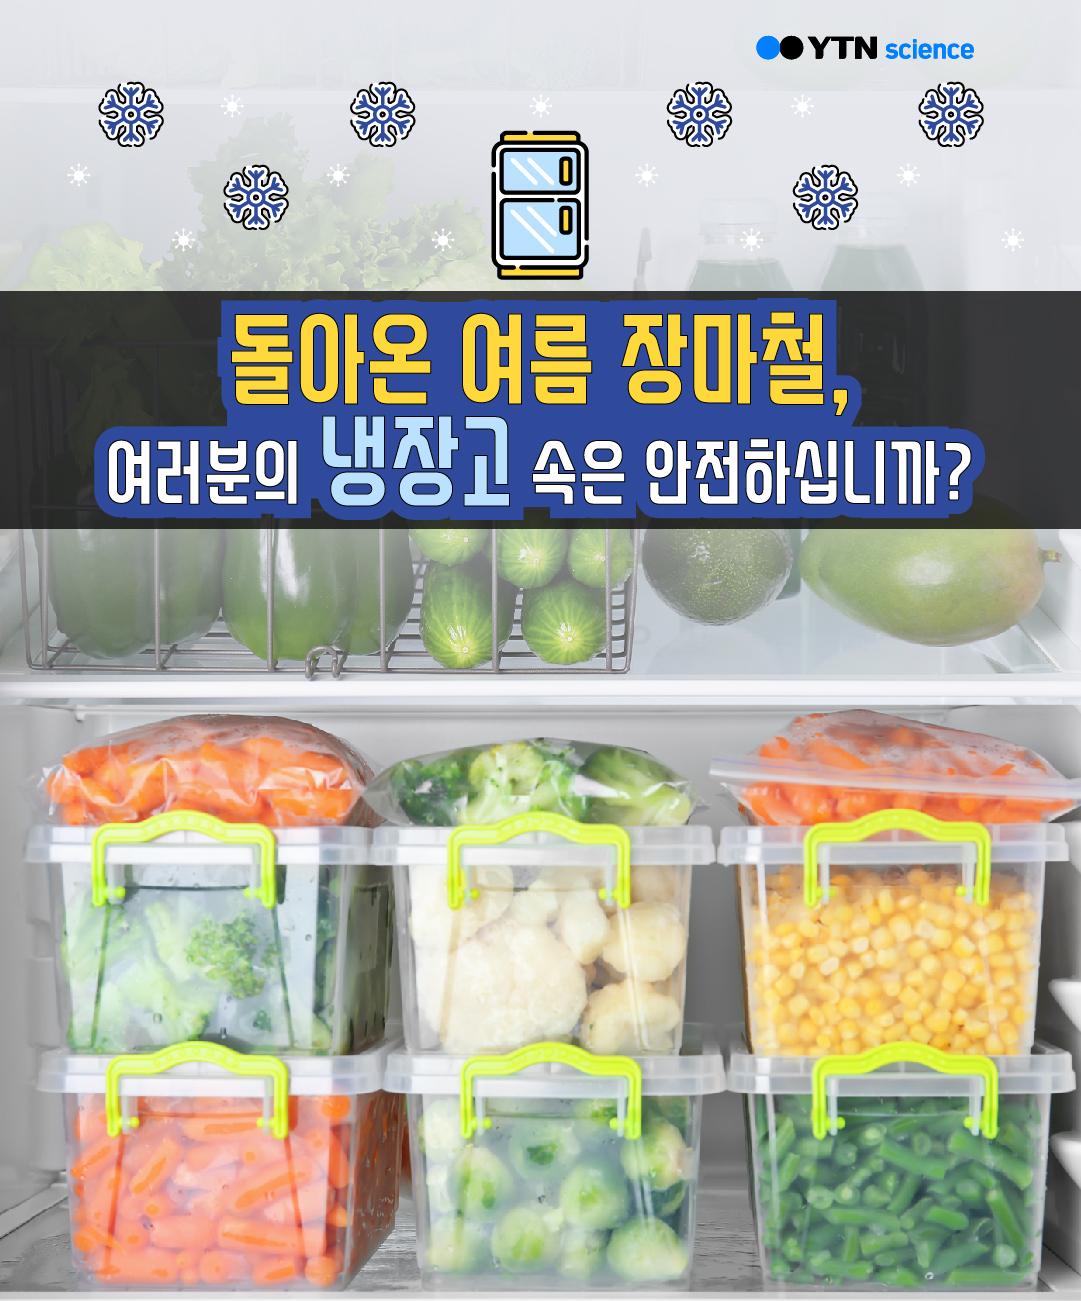 돌아온 여름 장마철, 여러분의 냉장고는 안전하십니까? 이미지